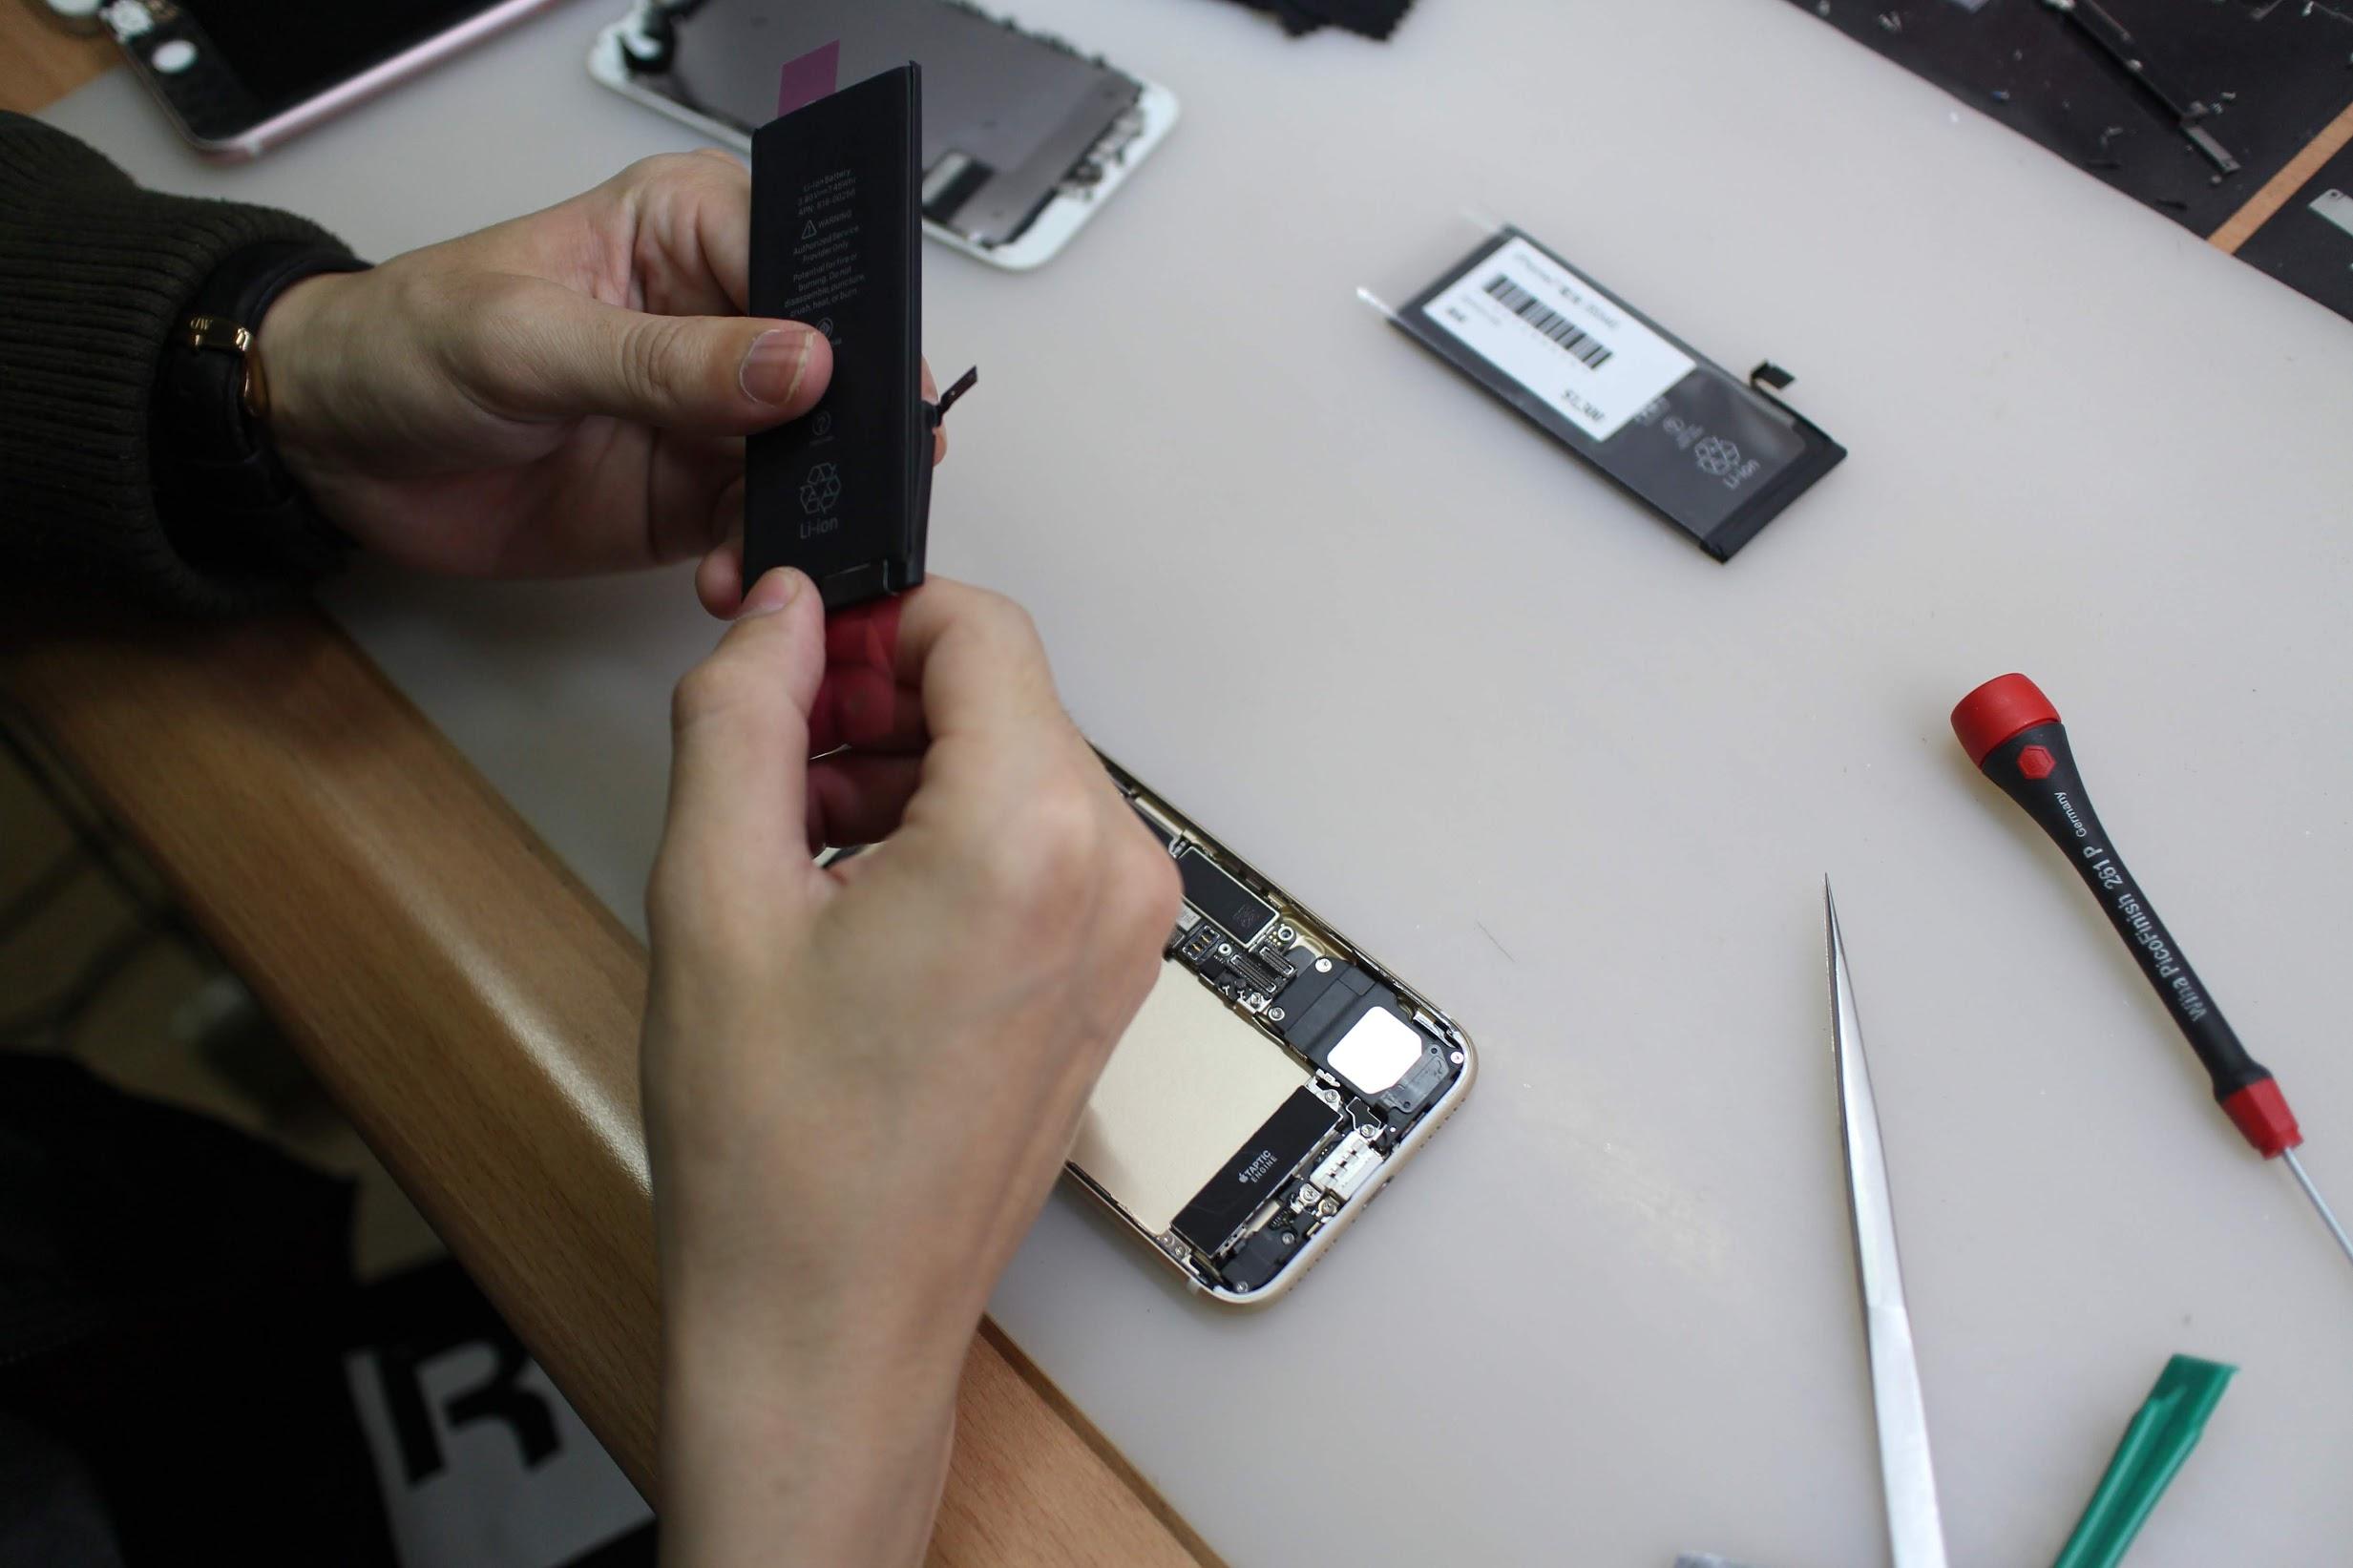 【台中南屯】鼎威蘋果維修(五權店)-推薦iPhone更換電池只要10分鐘、專業iPhone維修/iPad維修推薦 @秤瓶樂遊遊